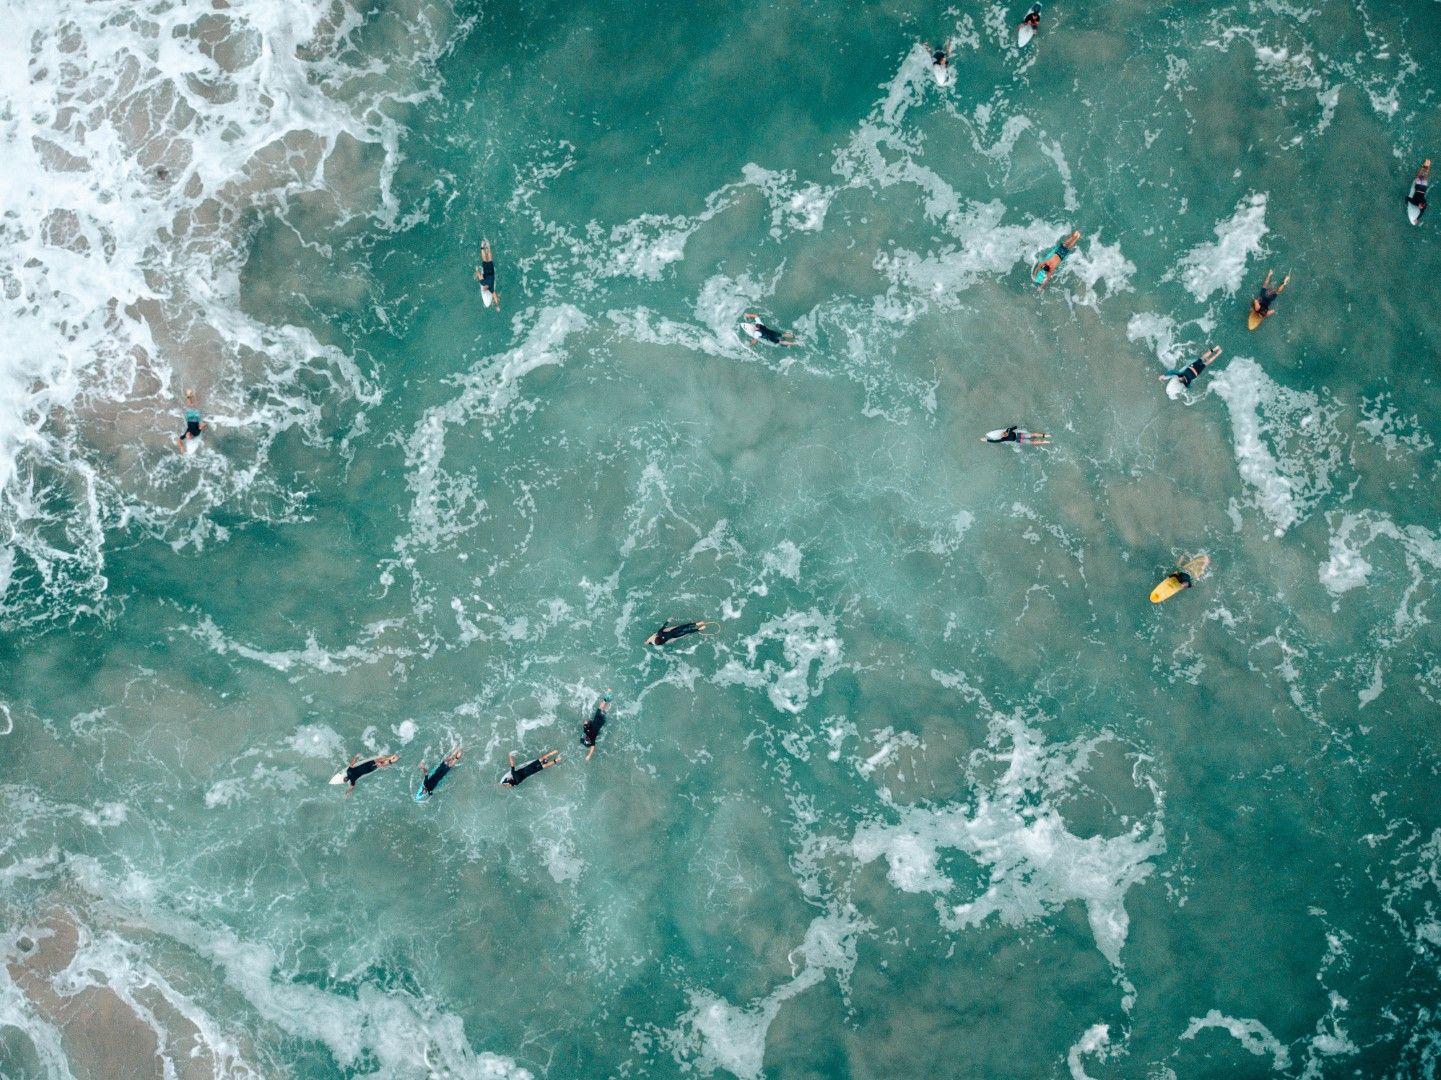 Сърфисти на Златния бряг в Австралия.